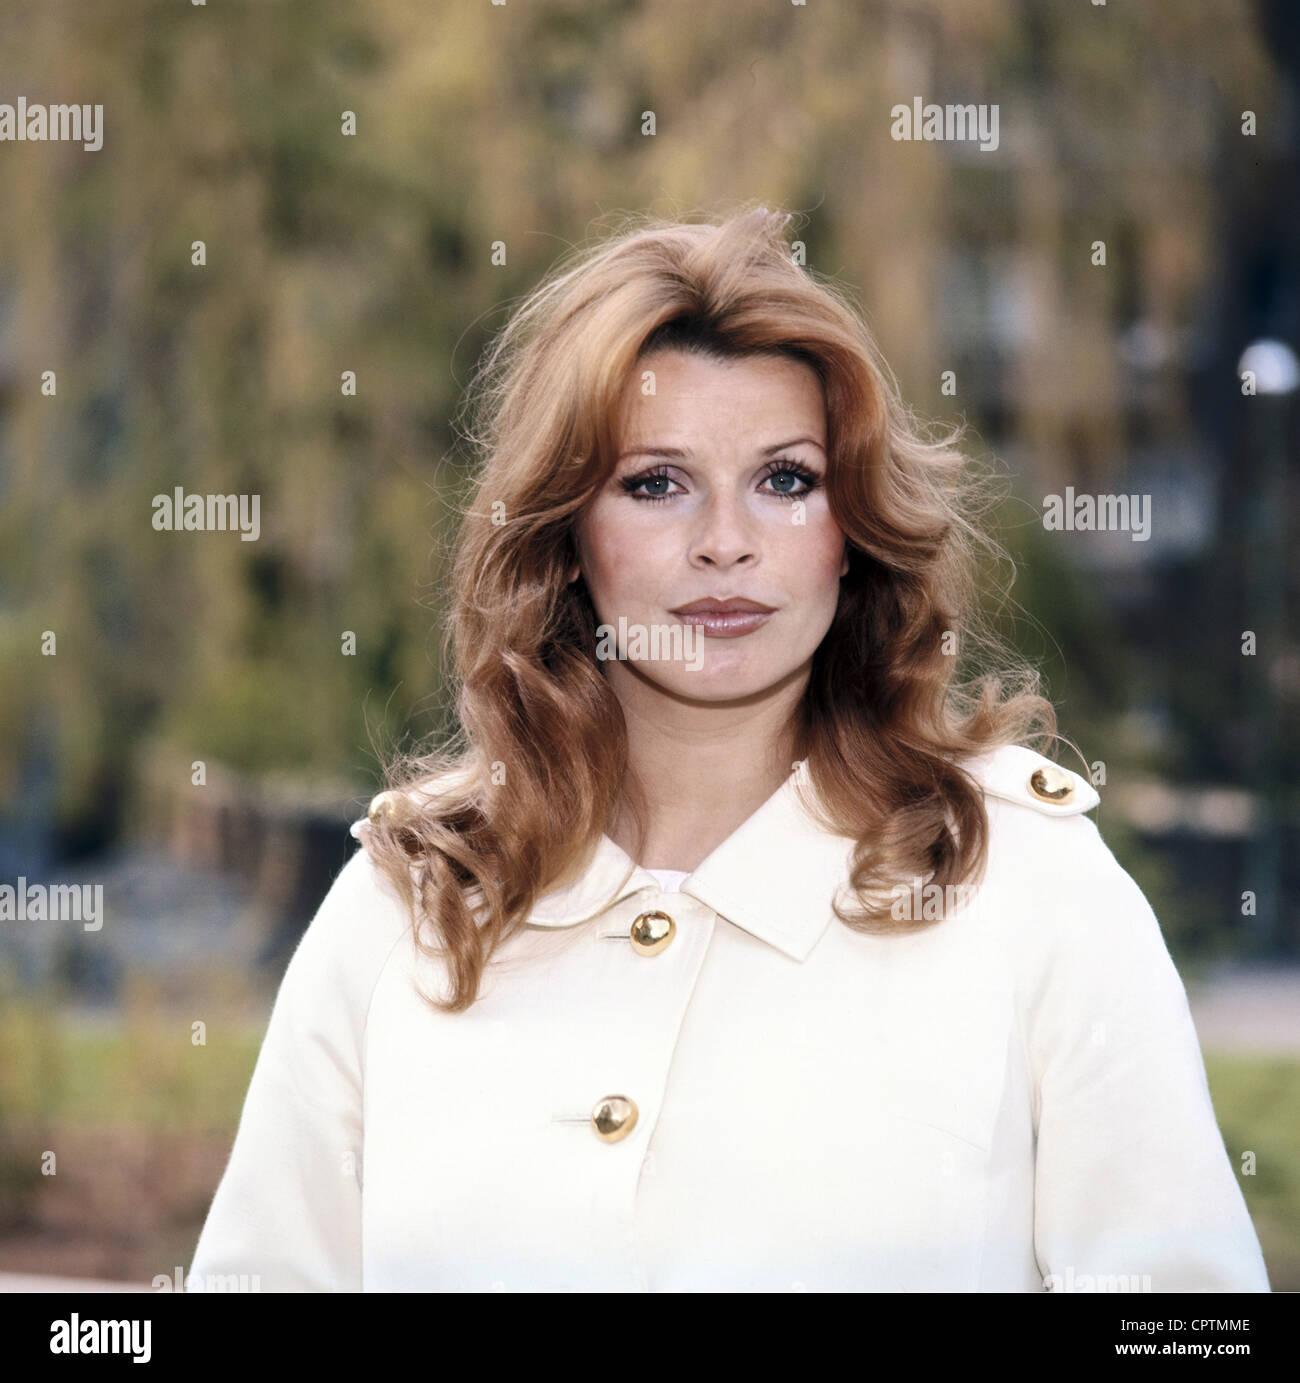 Berger, Senta, * 13.5.1941, Austrian actress, , Stock Photo